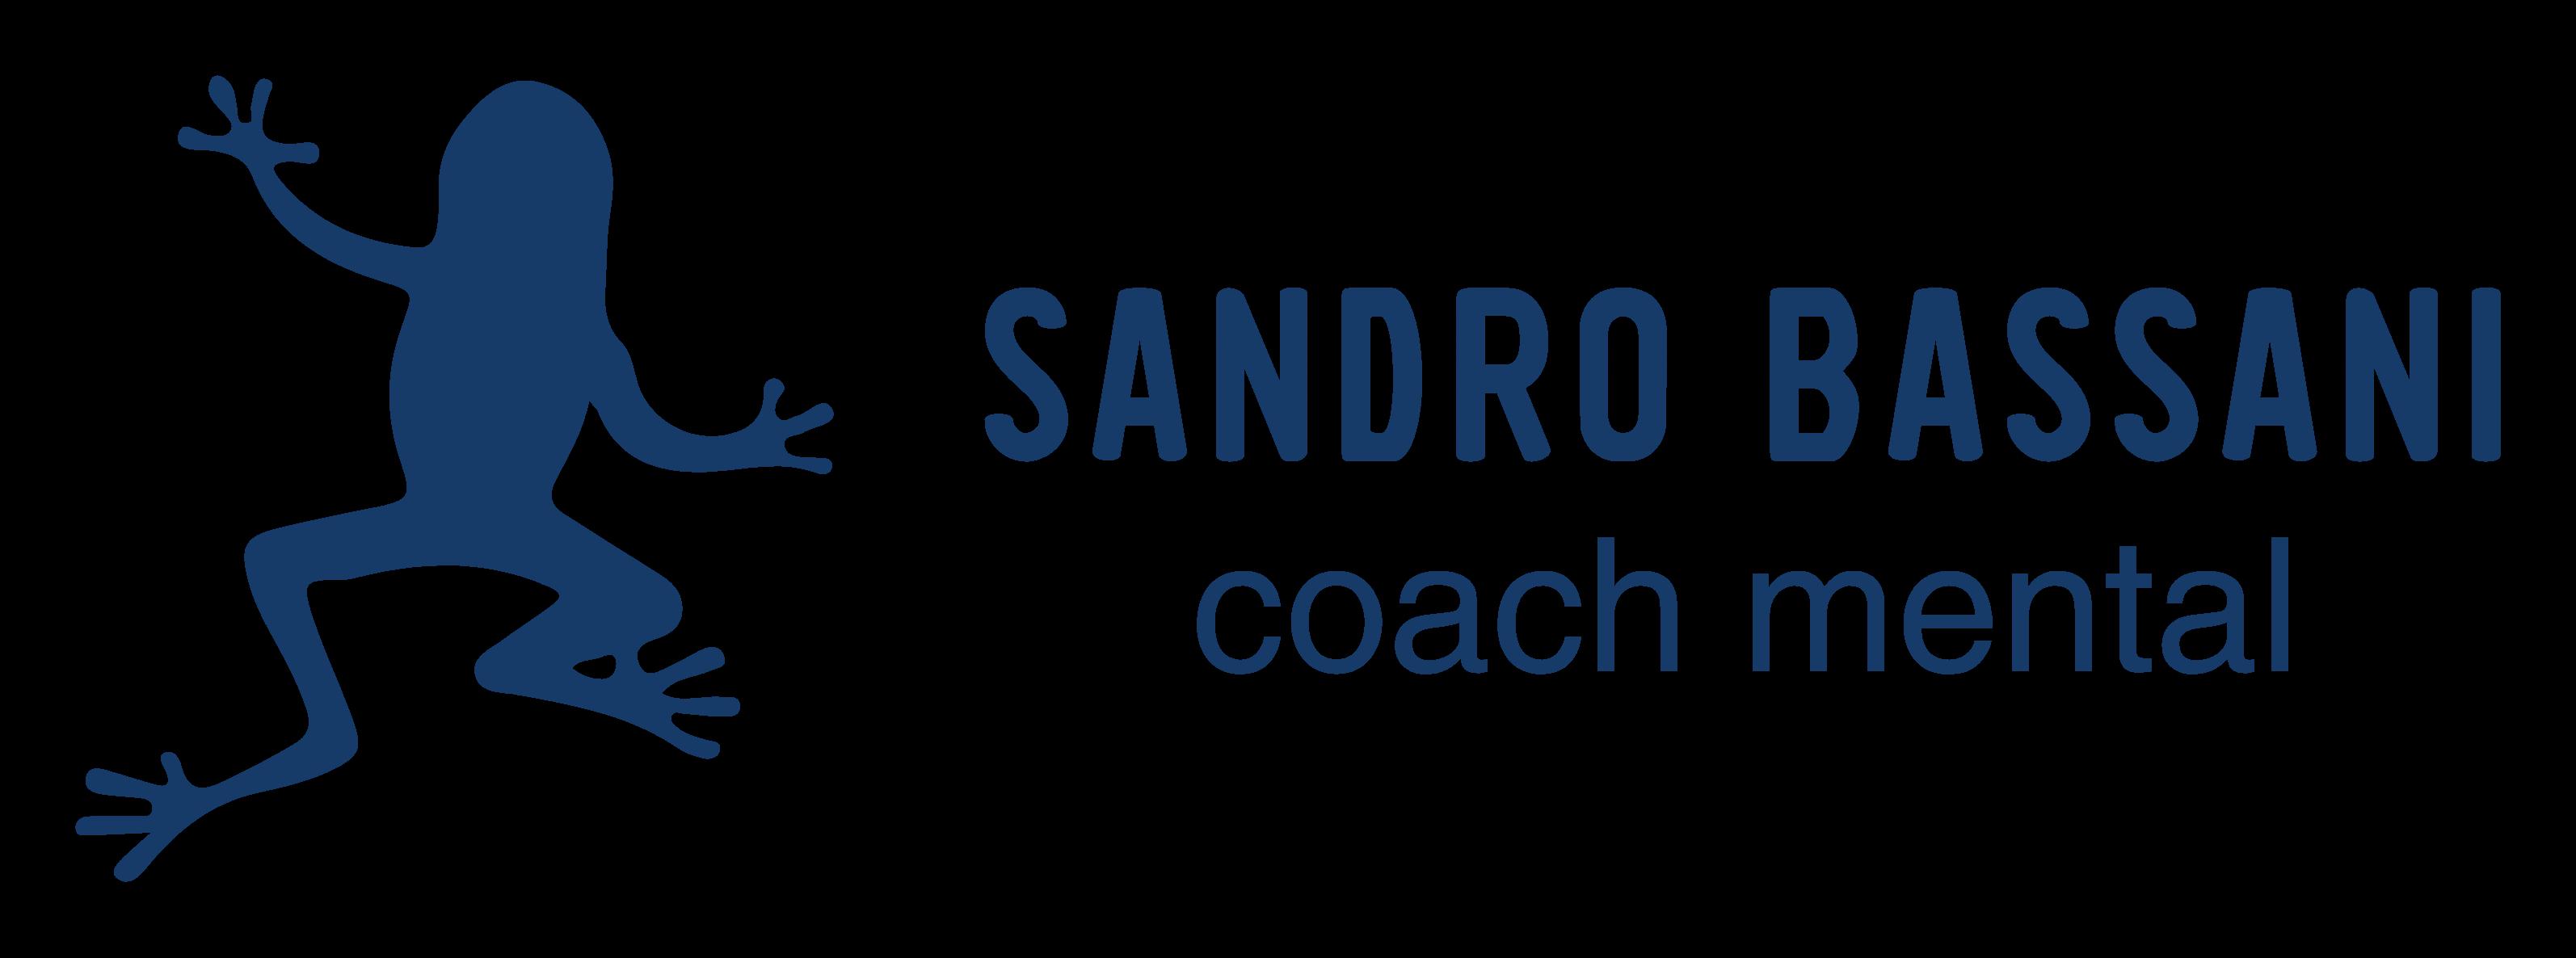 Sandro Bassani